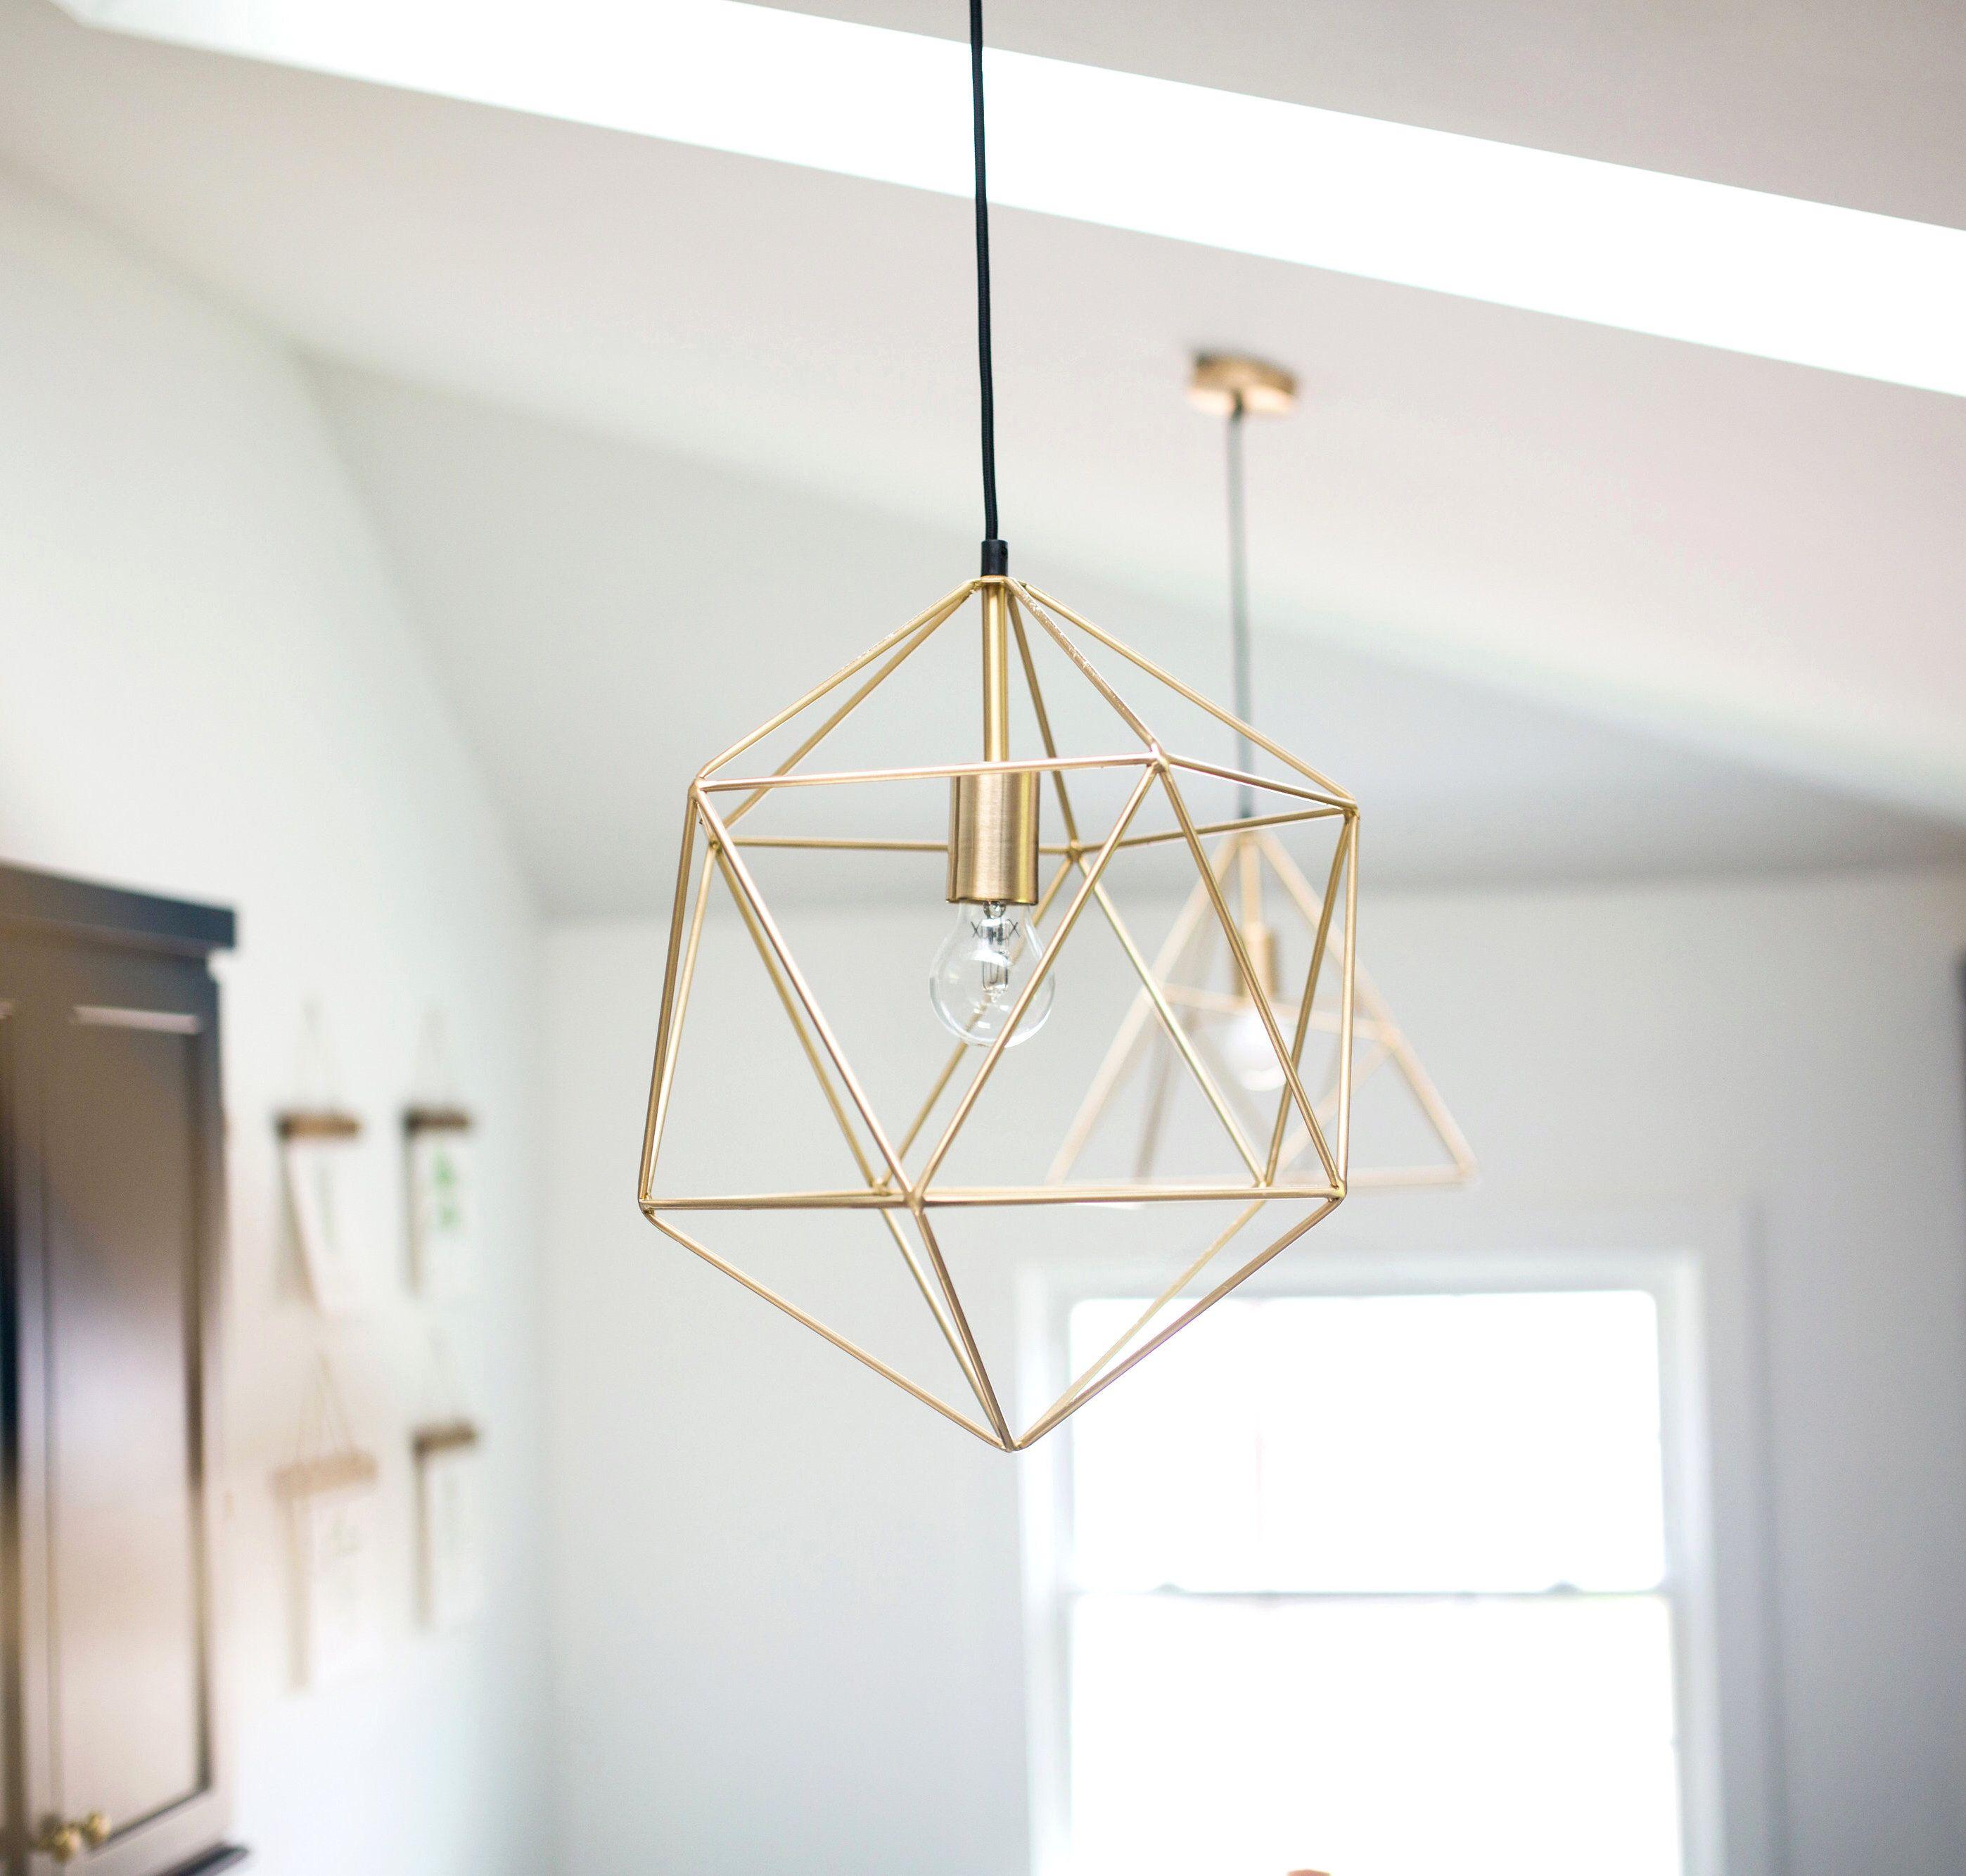 Gold Pendant Light Minimal Chandelier Lighting Geometric Etsy Gold Pendant Lighting Geometric Pendant Light Gold Geometric Pendant Light